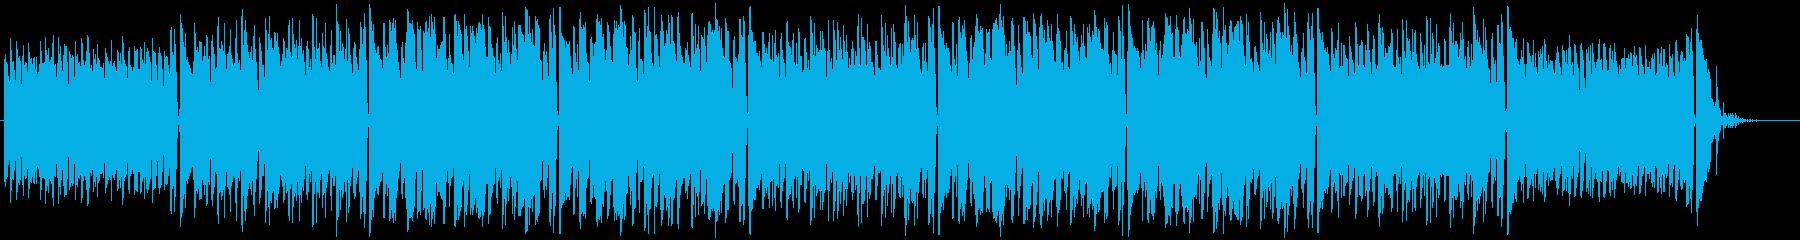 ホルンとハーモニカのほのぼのポップスの再生済みの波形